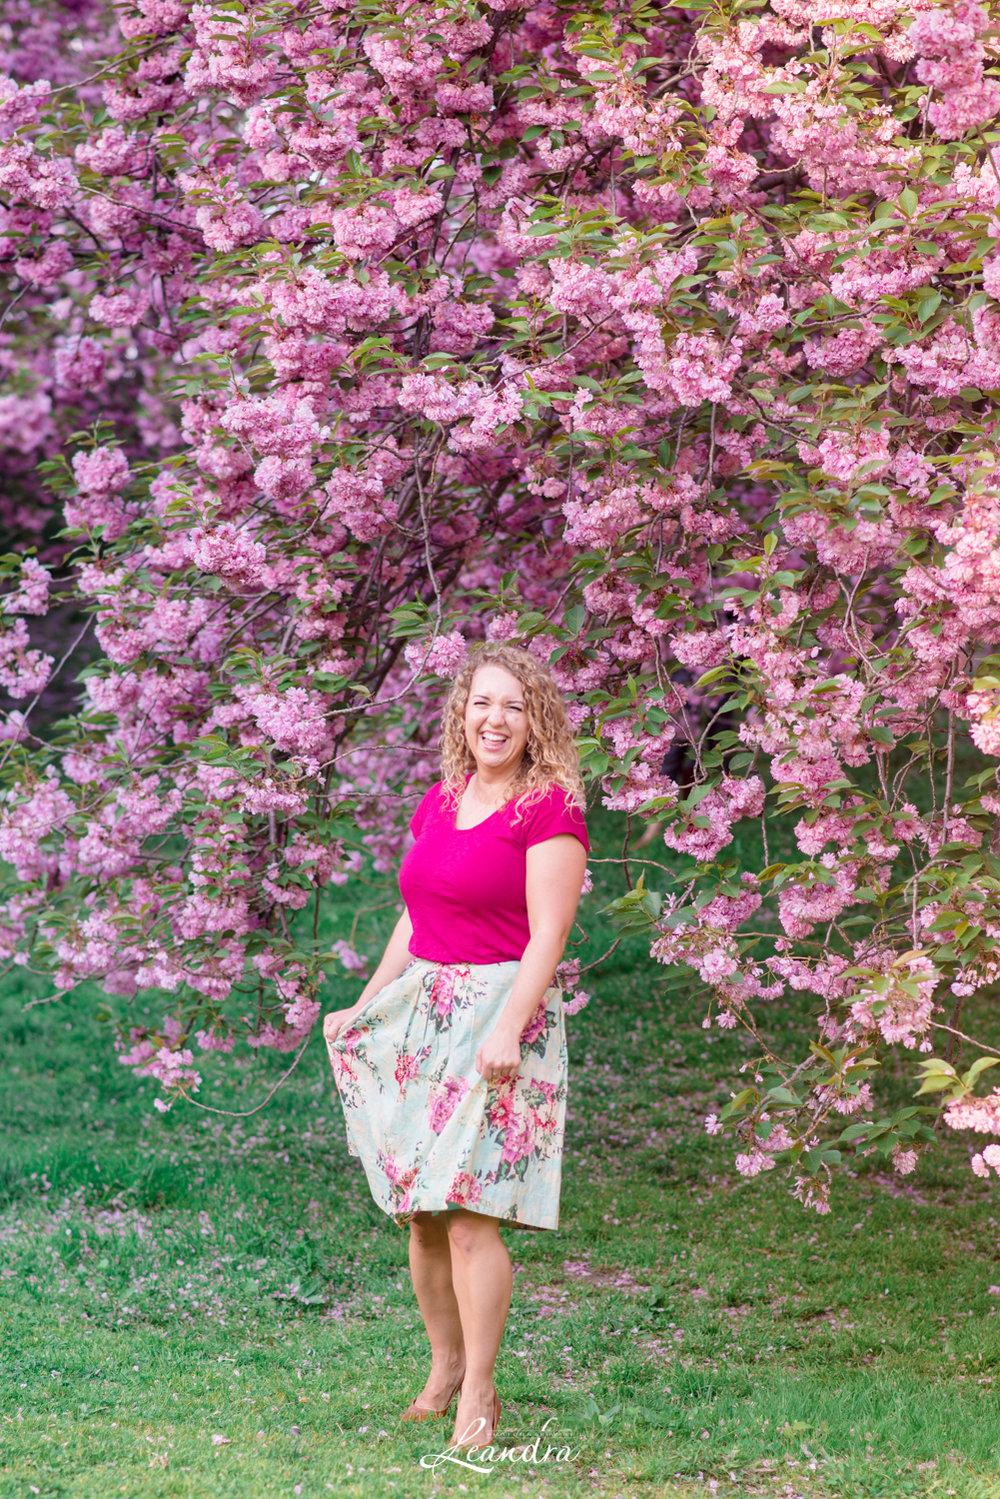 CentralParkCherryBlossoms-14.jpg